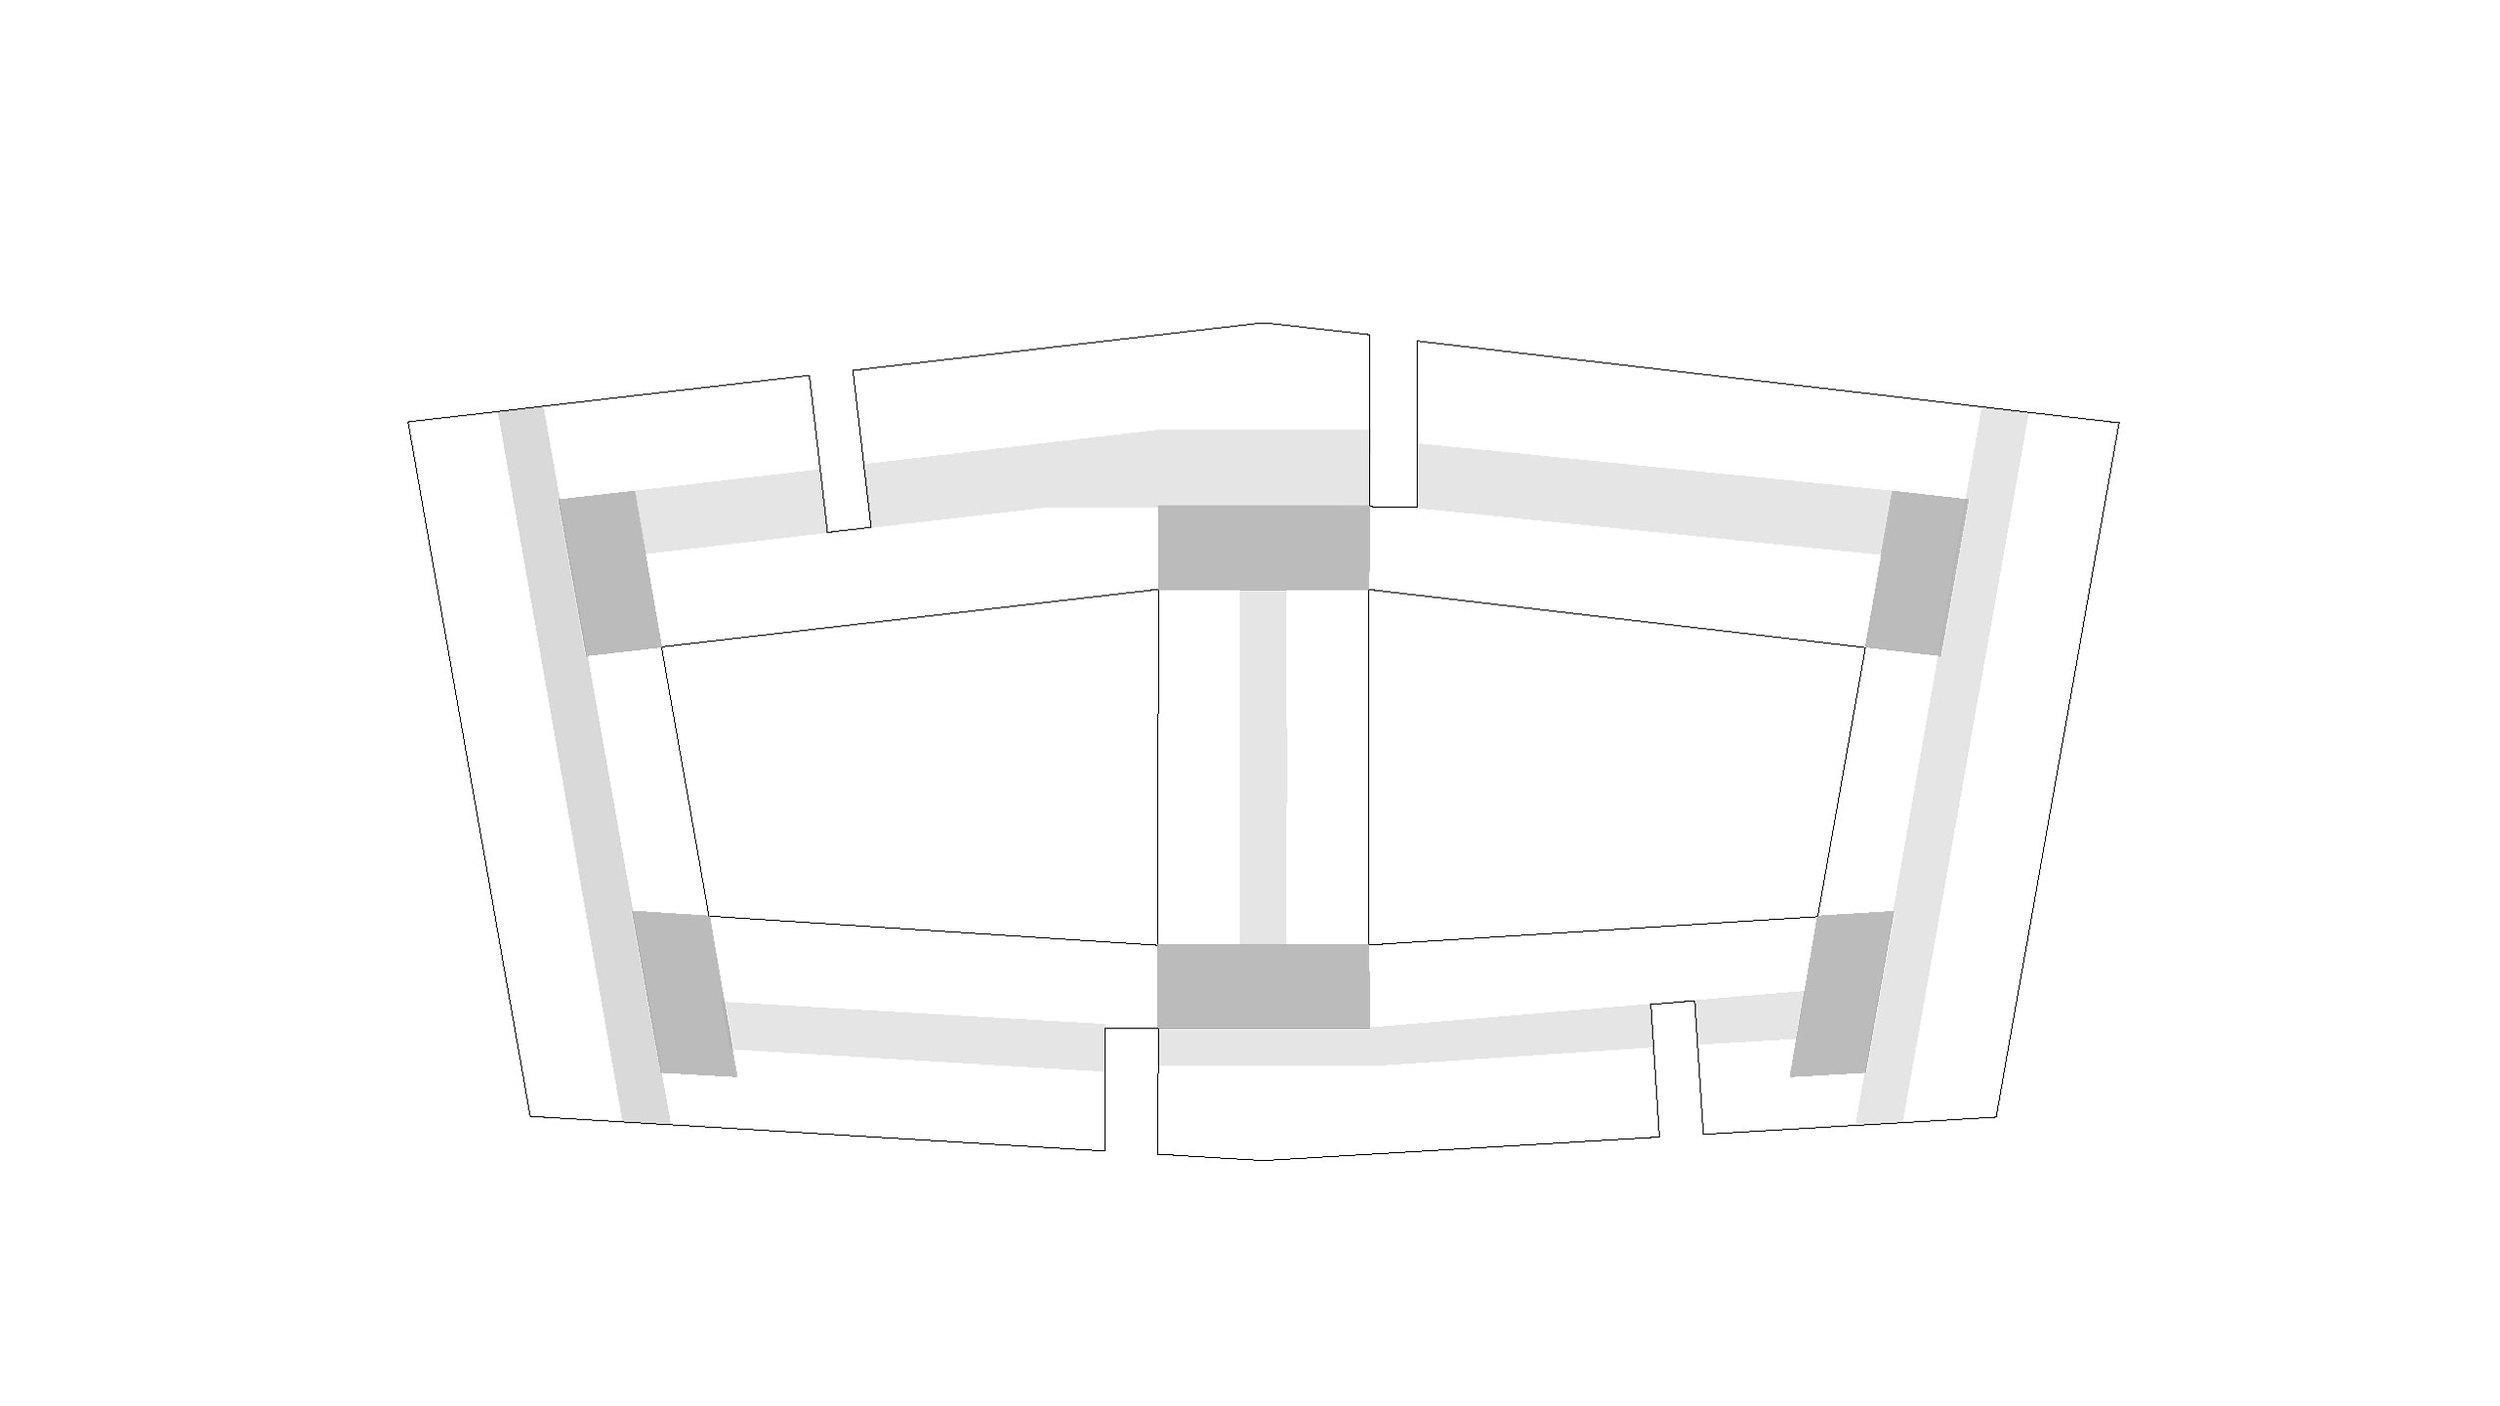 PURE_Kolloquium-2-24.jpg